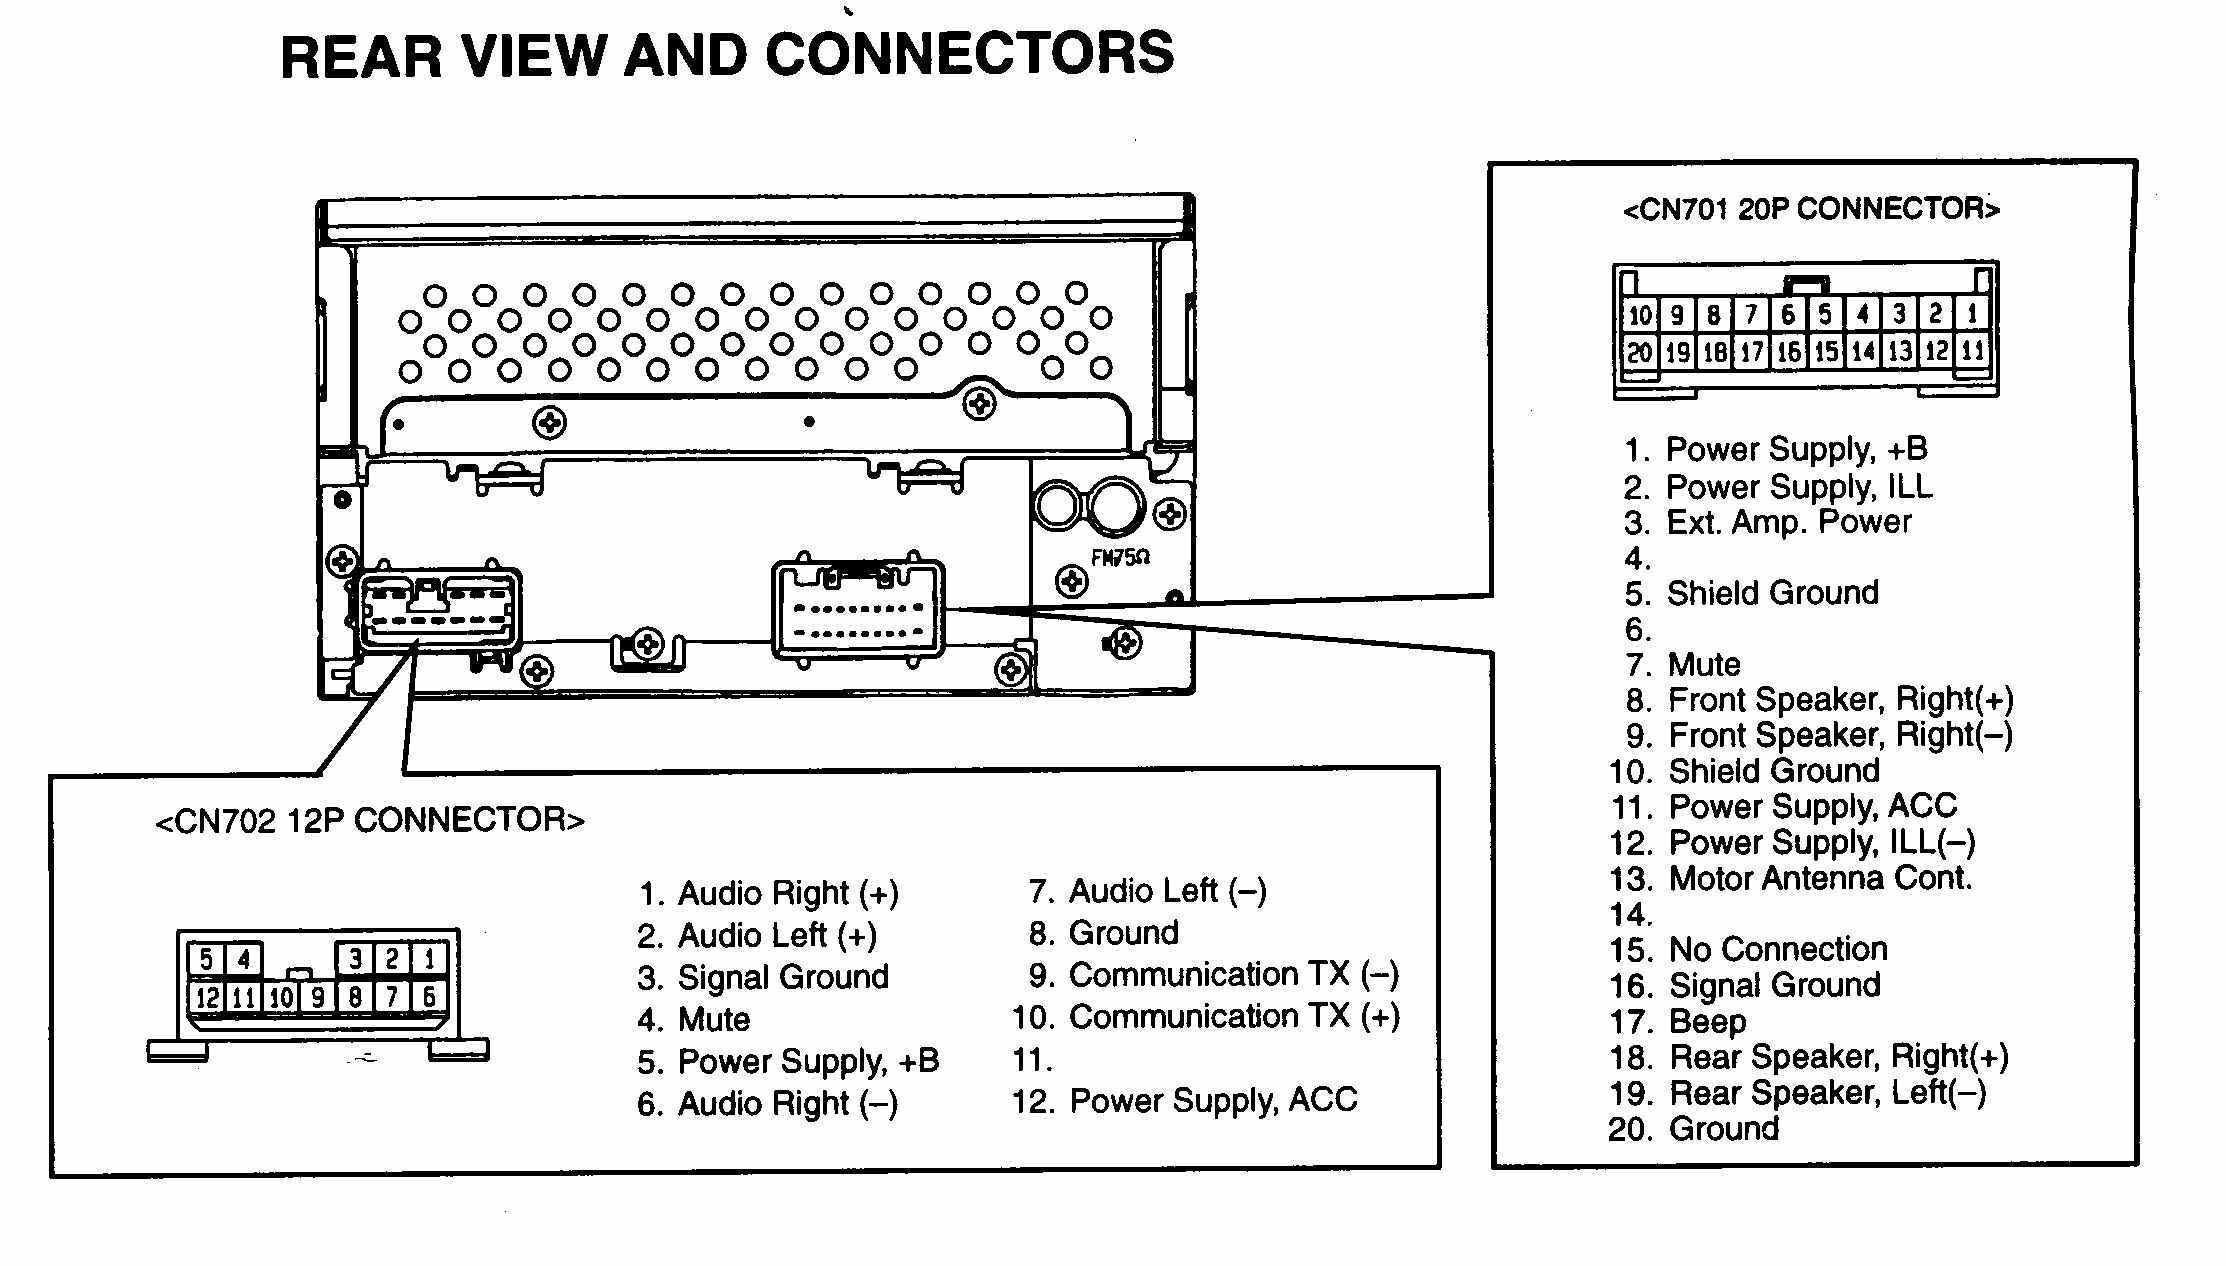 [SCHEMATICS_43NM]  OE_9833] Delco Electronics Radio Wiring Diagram Delco Electronics Radio  Wiring Wiring Diagram   Delco Radio 24 Pin Radio Wiring      Para Numap Mohammedshrine Librar Wiring 101